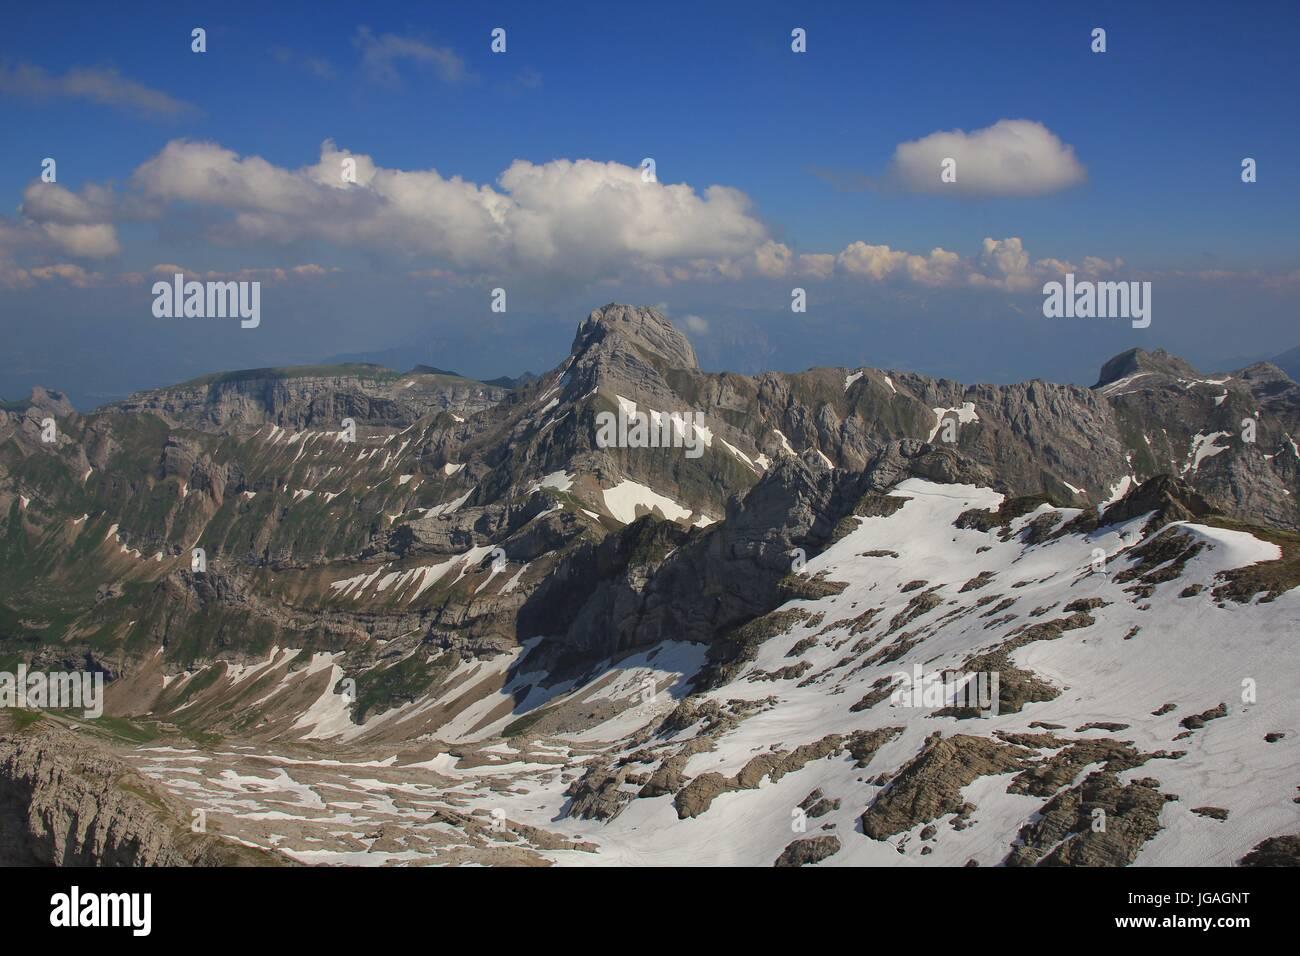 Berge des Bereichs Alpstein aus Mount Santis in der Schweiz zu sehen. Stockbild